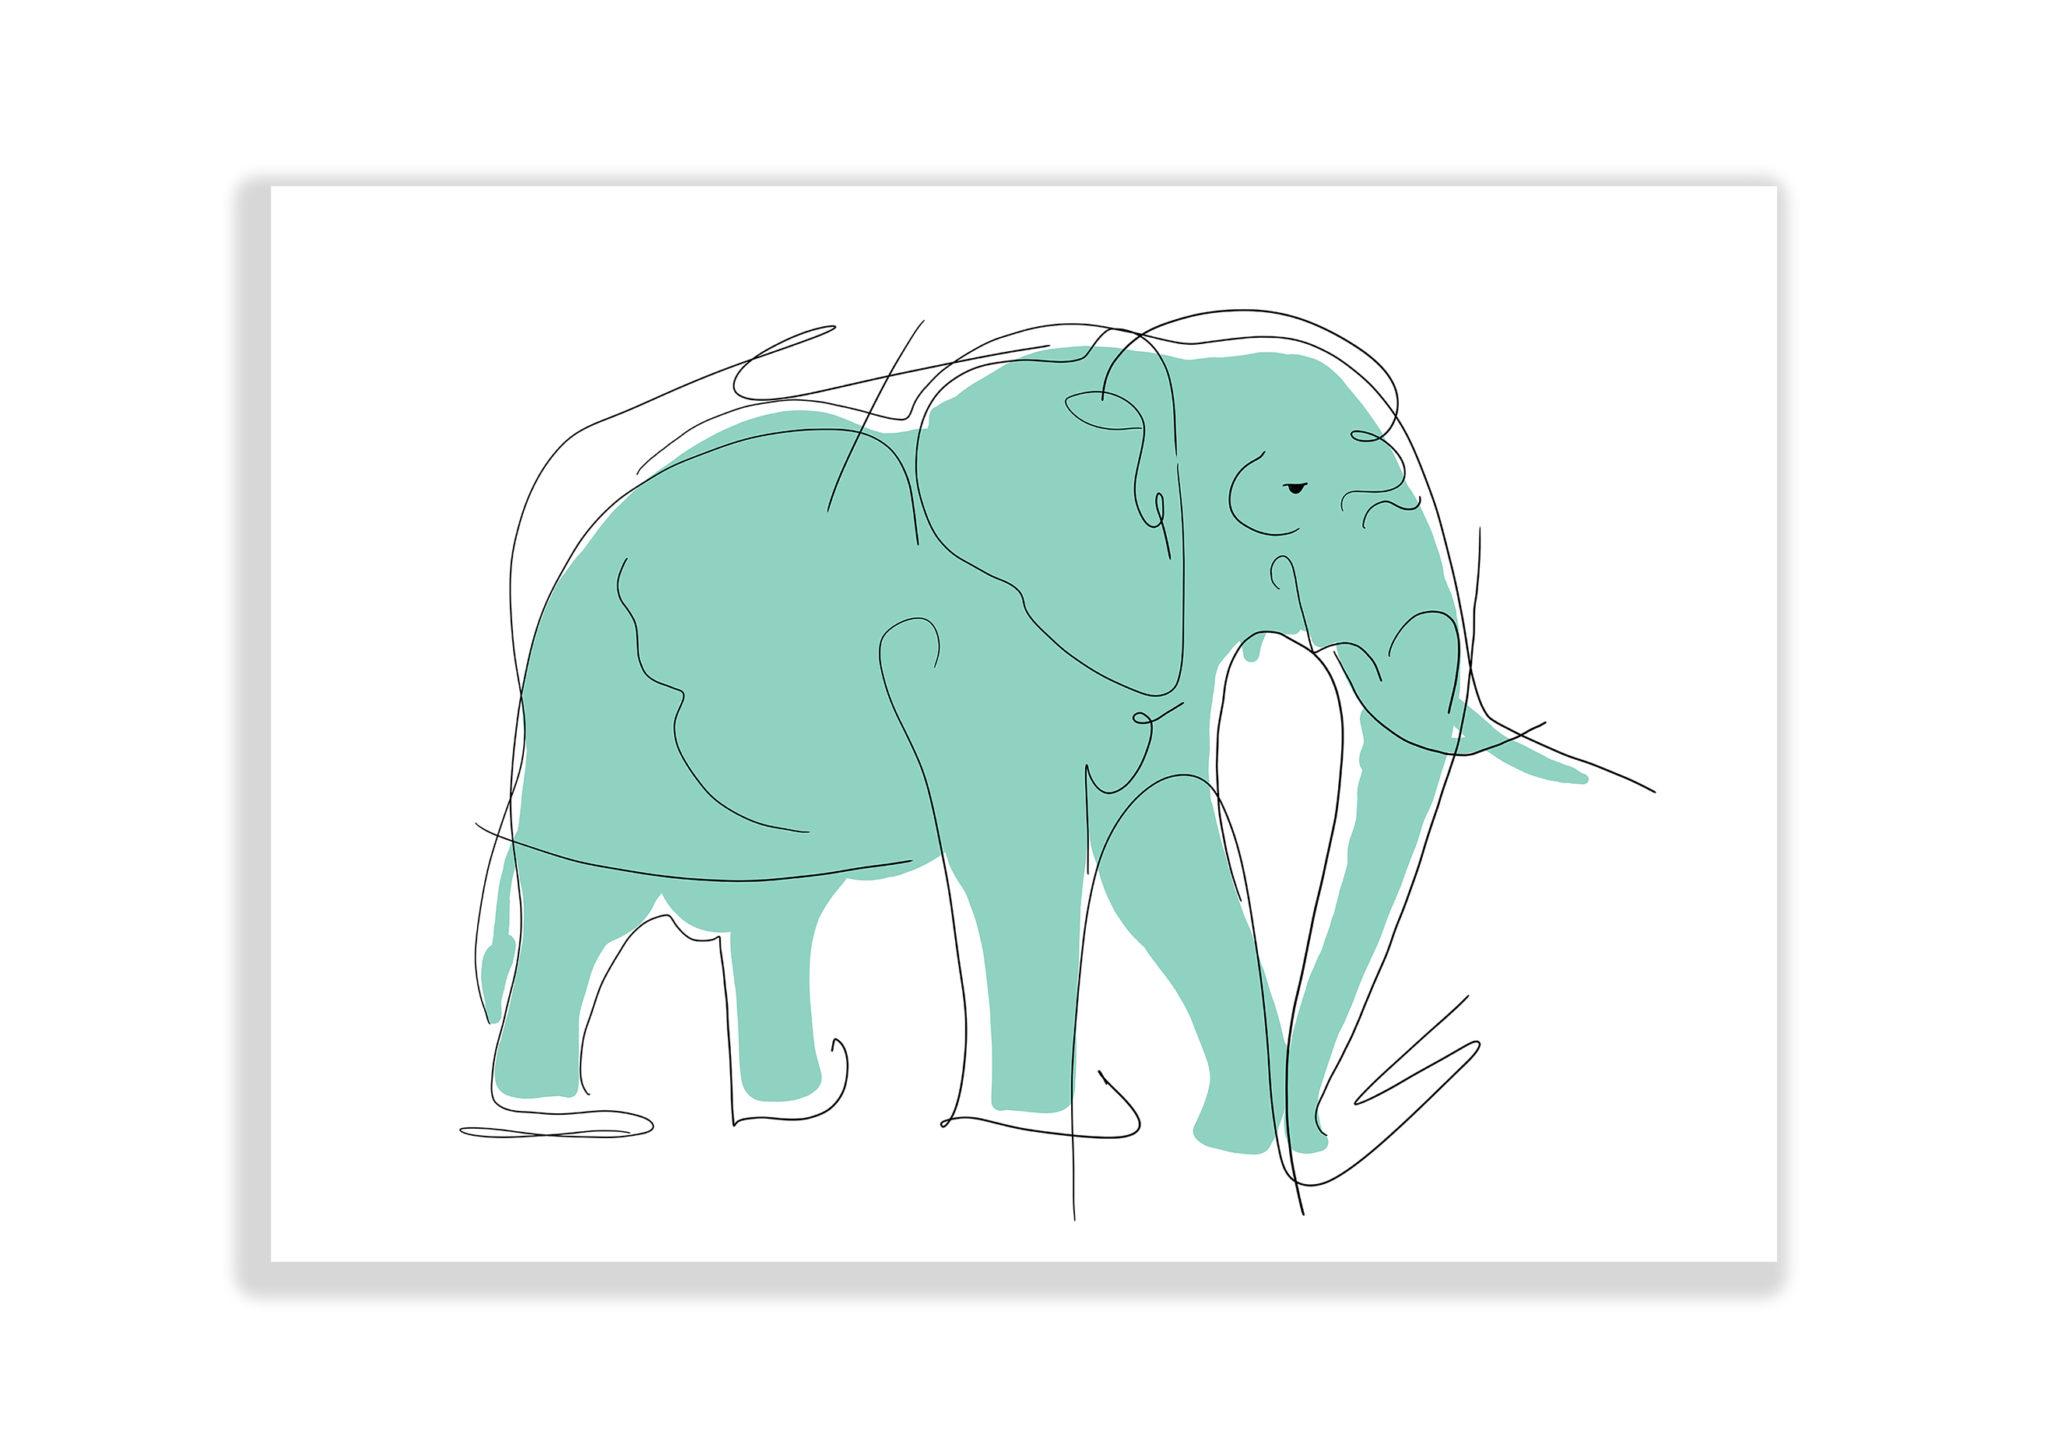 Abstrakcja Obraz Słoń